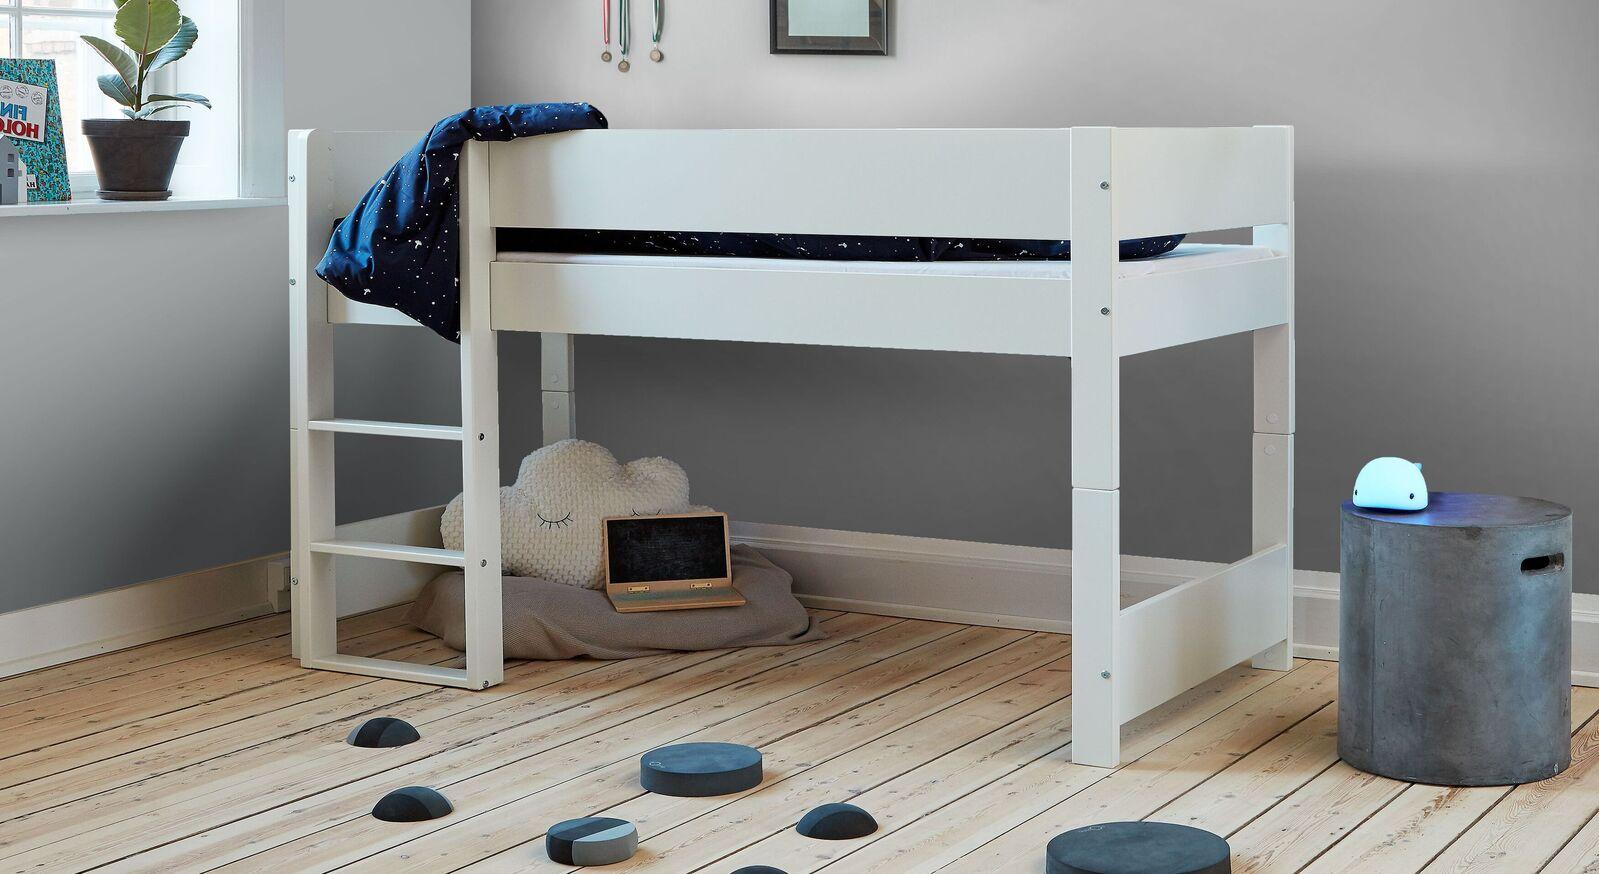 Halbhohes Bett Tacora mit niedriger Liegehöhe